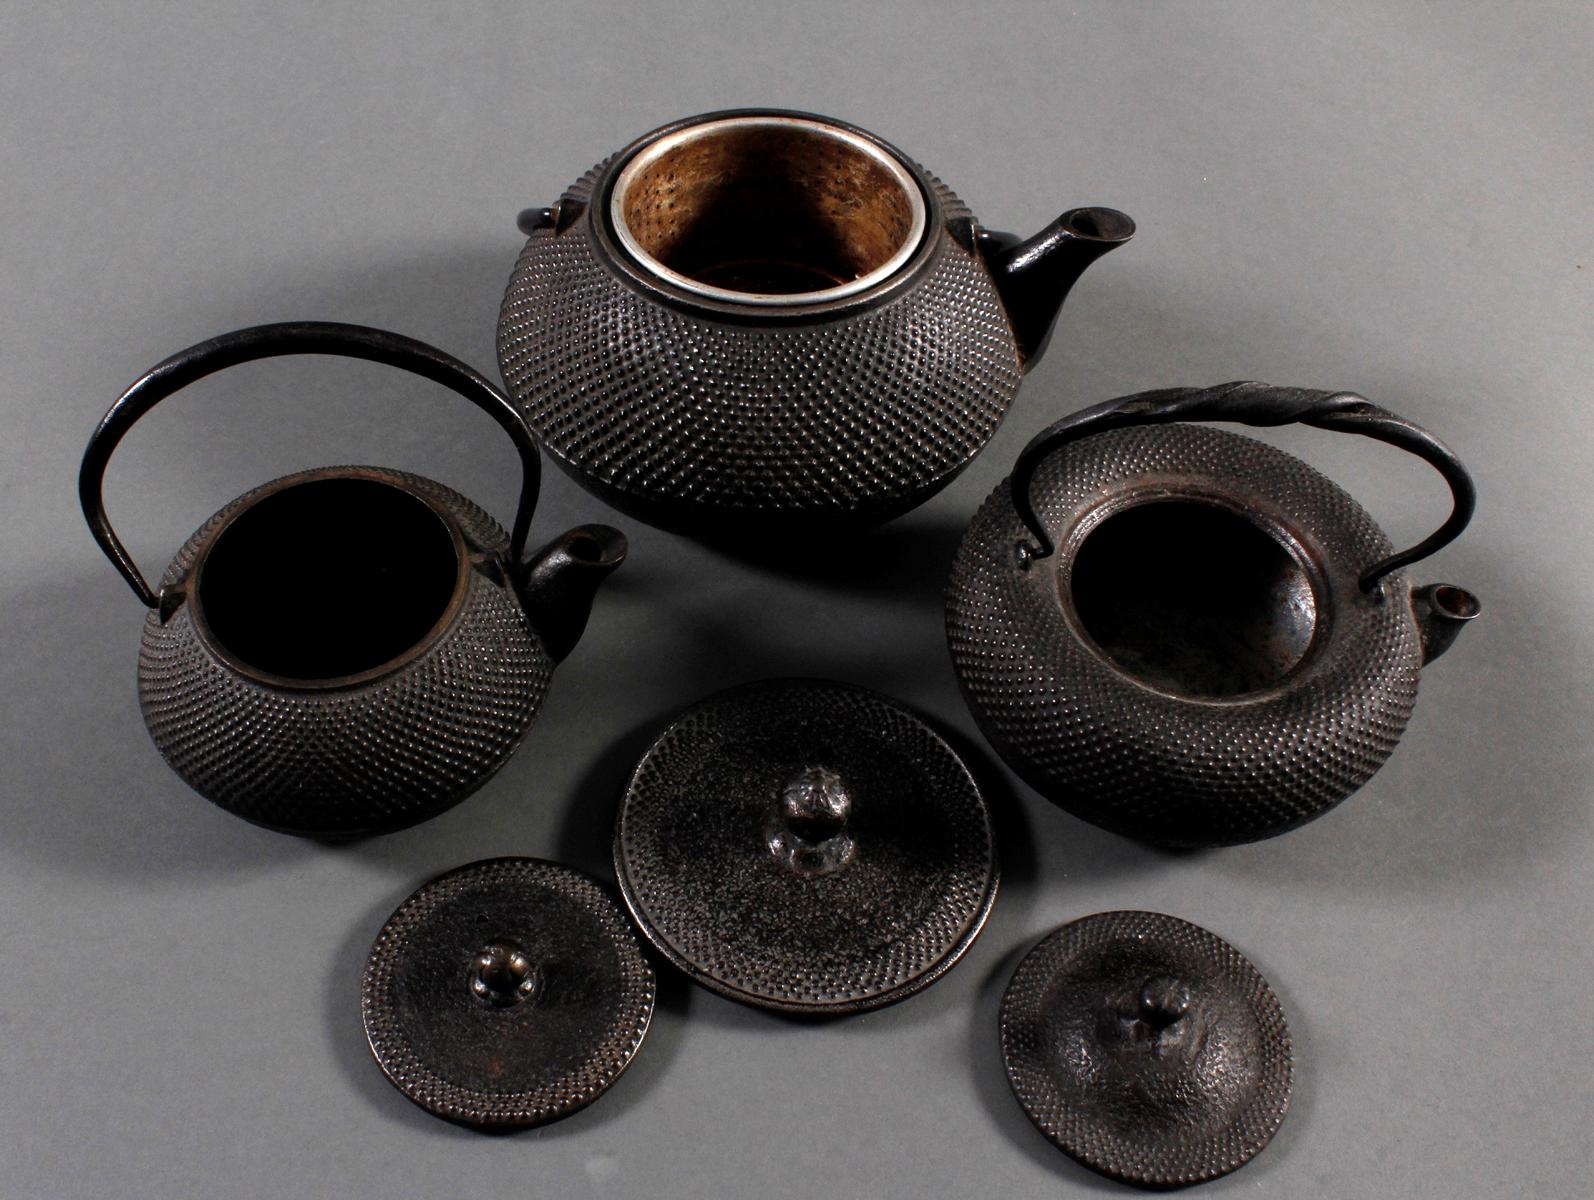 3 Teekannen (Tesubin) aus Eisen, Japan/China 19. Jh.-3